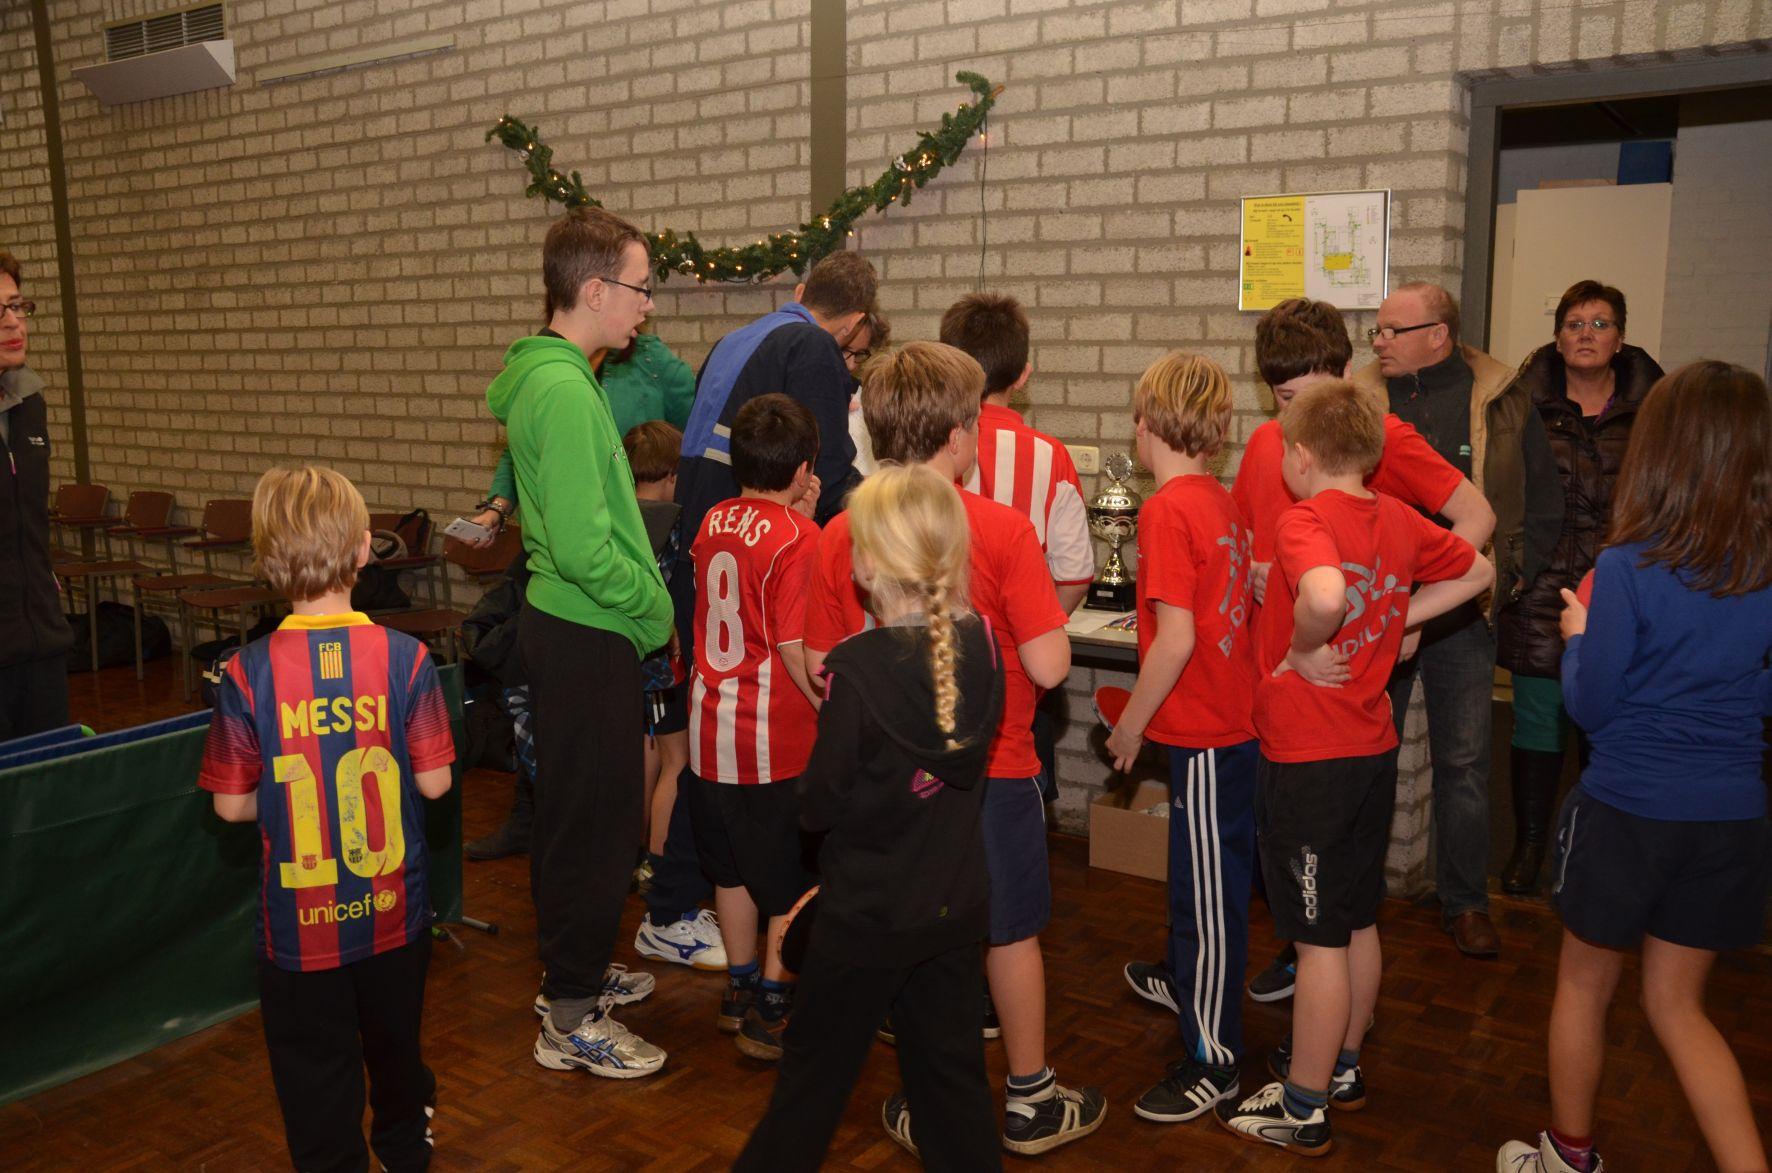 clubkampioenschappen 2013 (9 van 22)